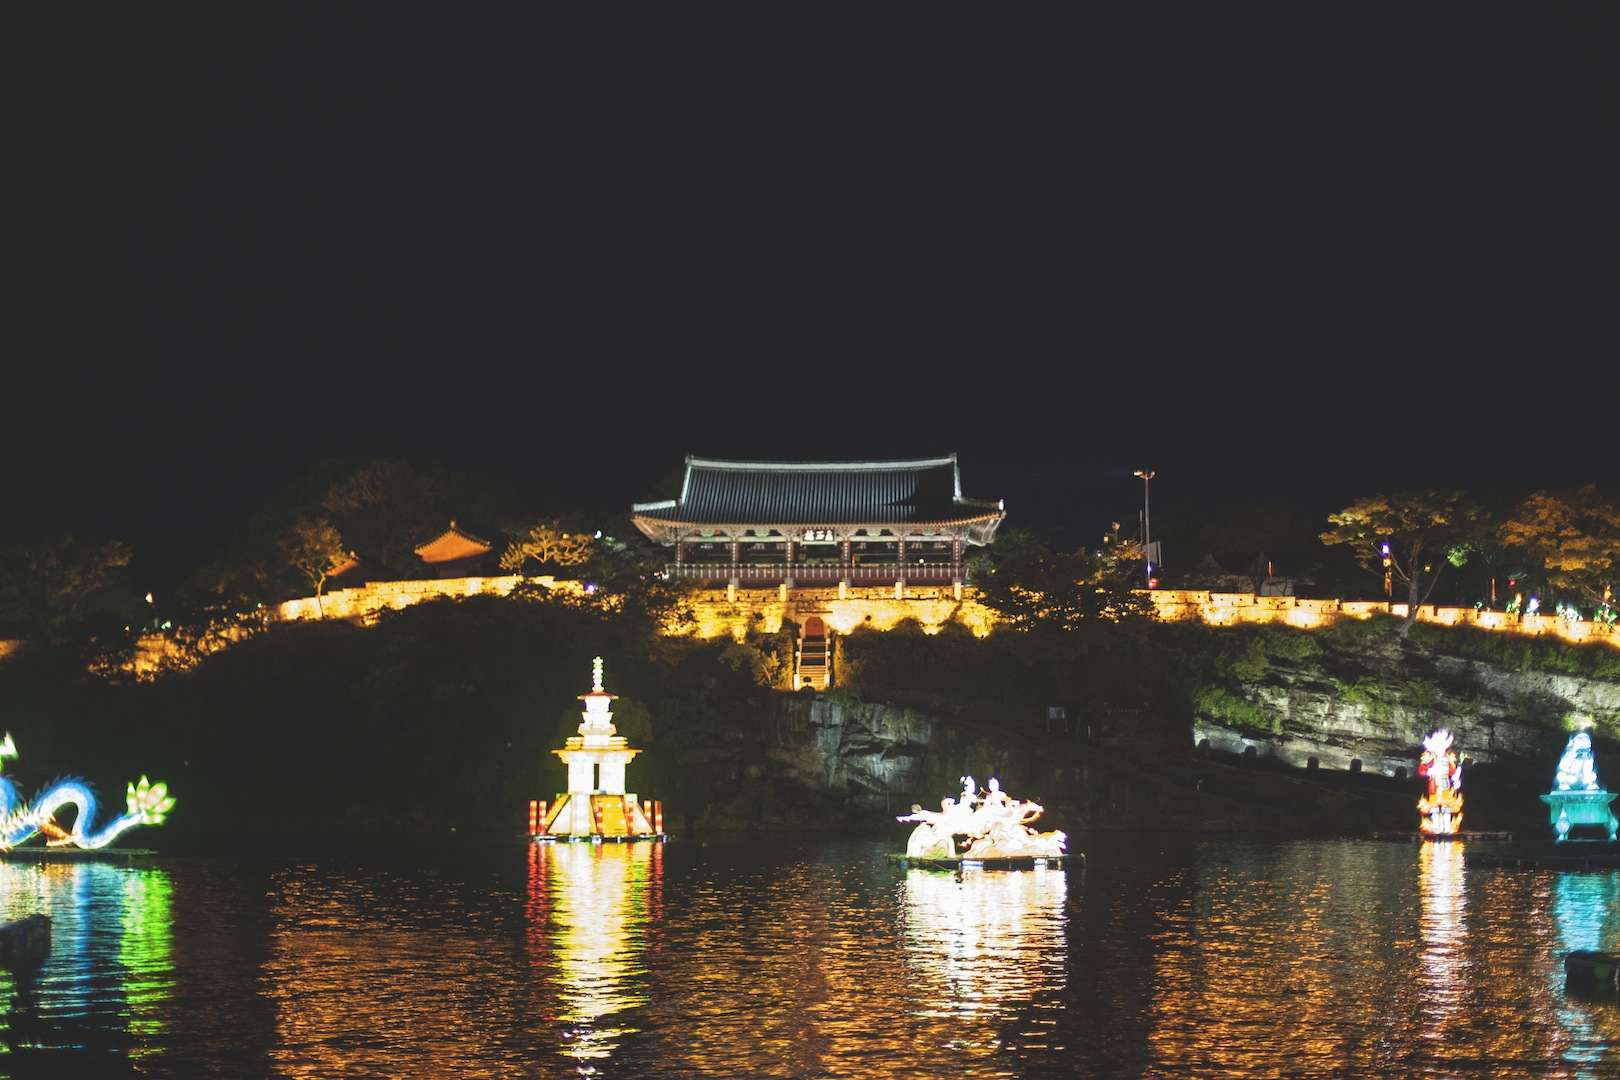 jinju lantern festival